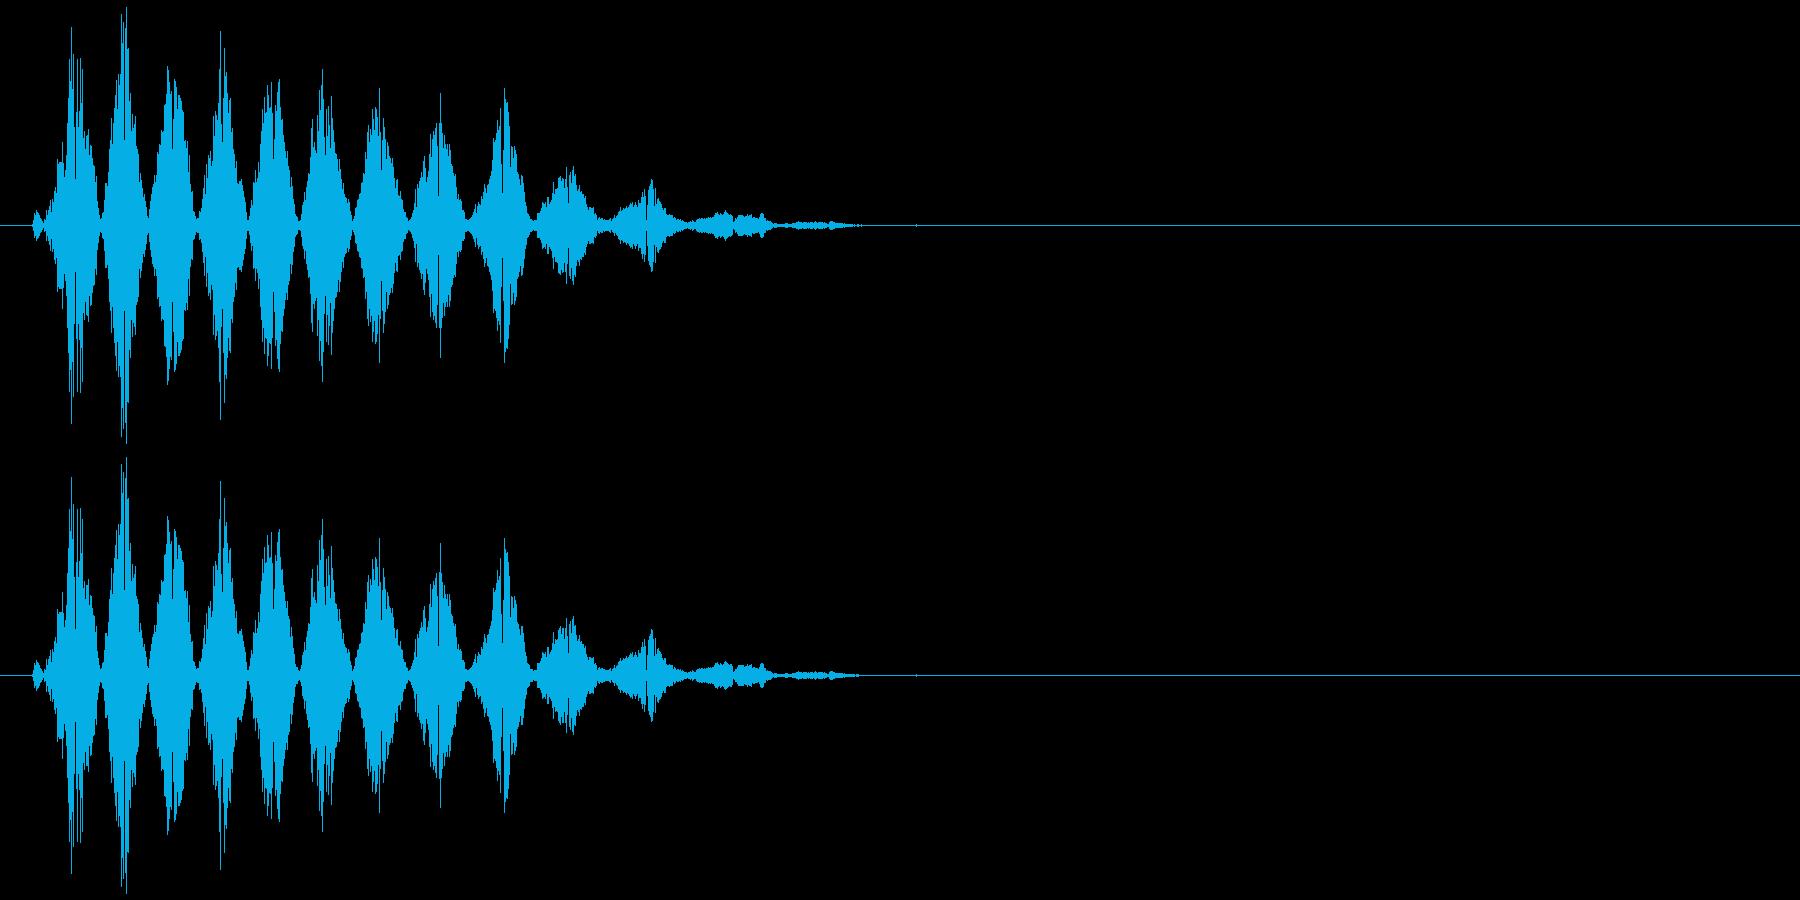 コミカルなおばけの声(ピッチ高)の再生済みの波形